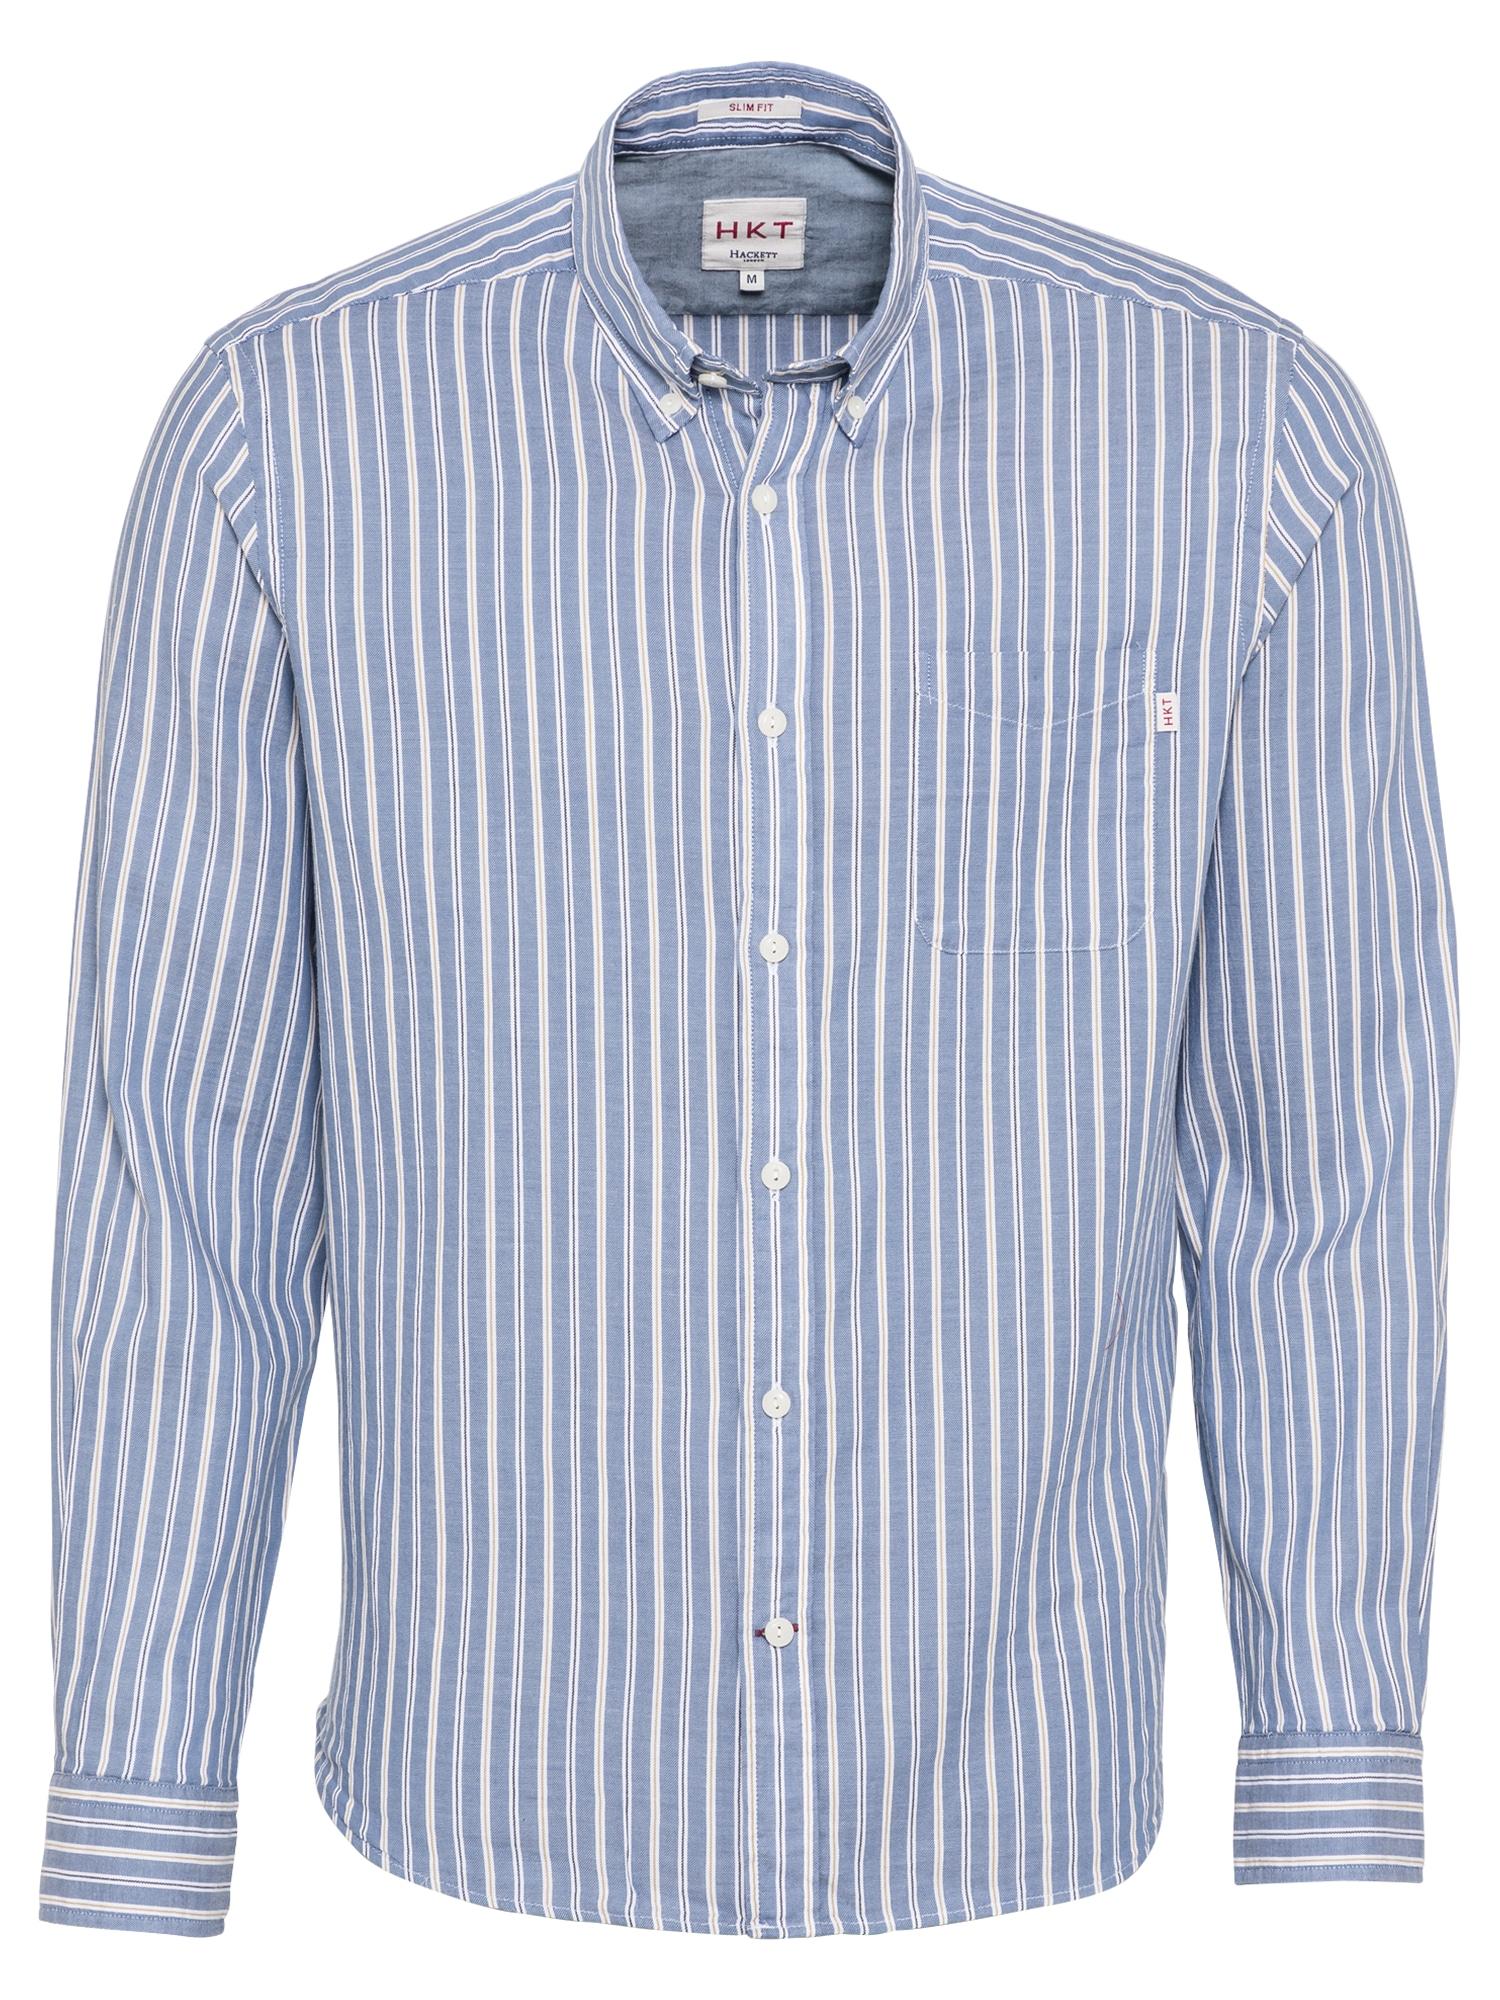 HKT by HACKETT Marškiniai balta / mėlyna